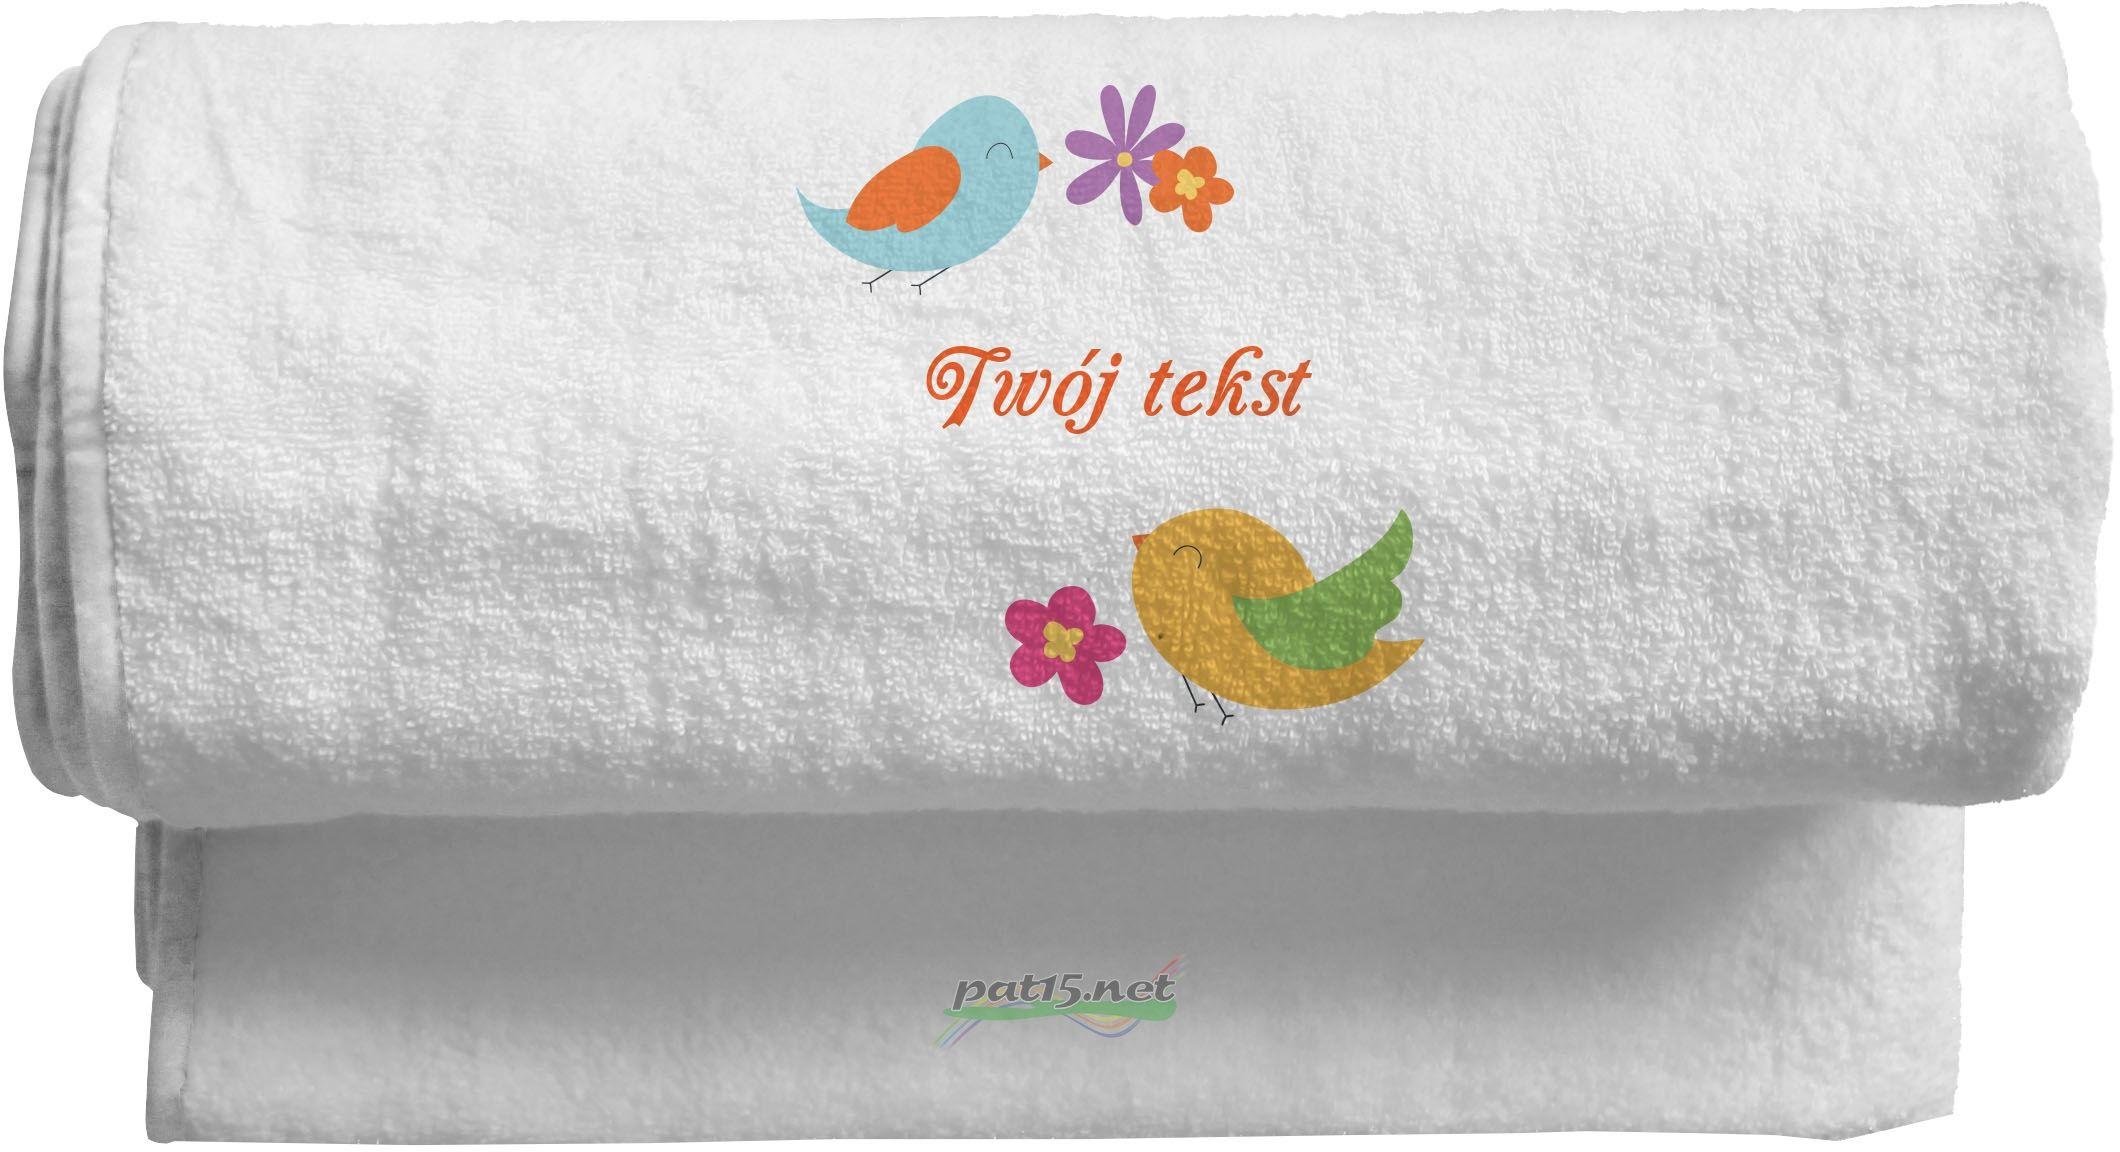 Duży Ręcznik 140x70 z haftem + tekst - Wzór 04